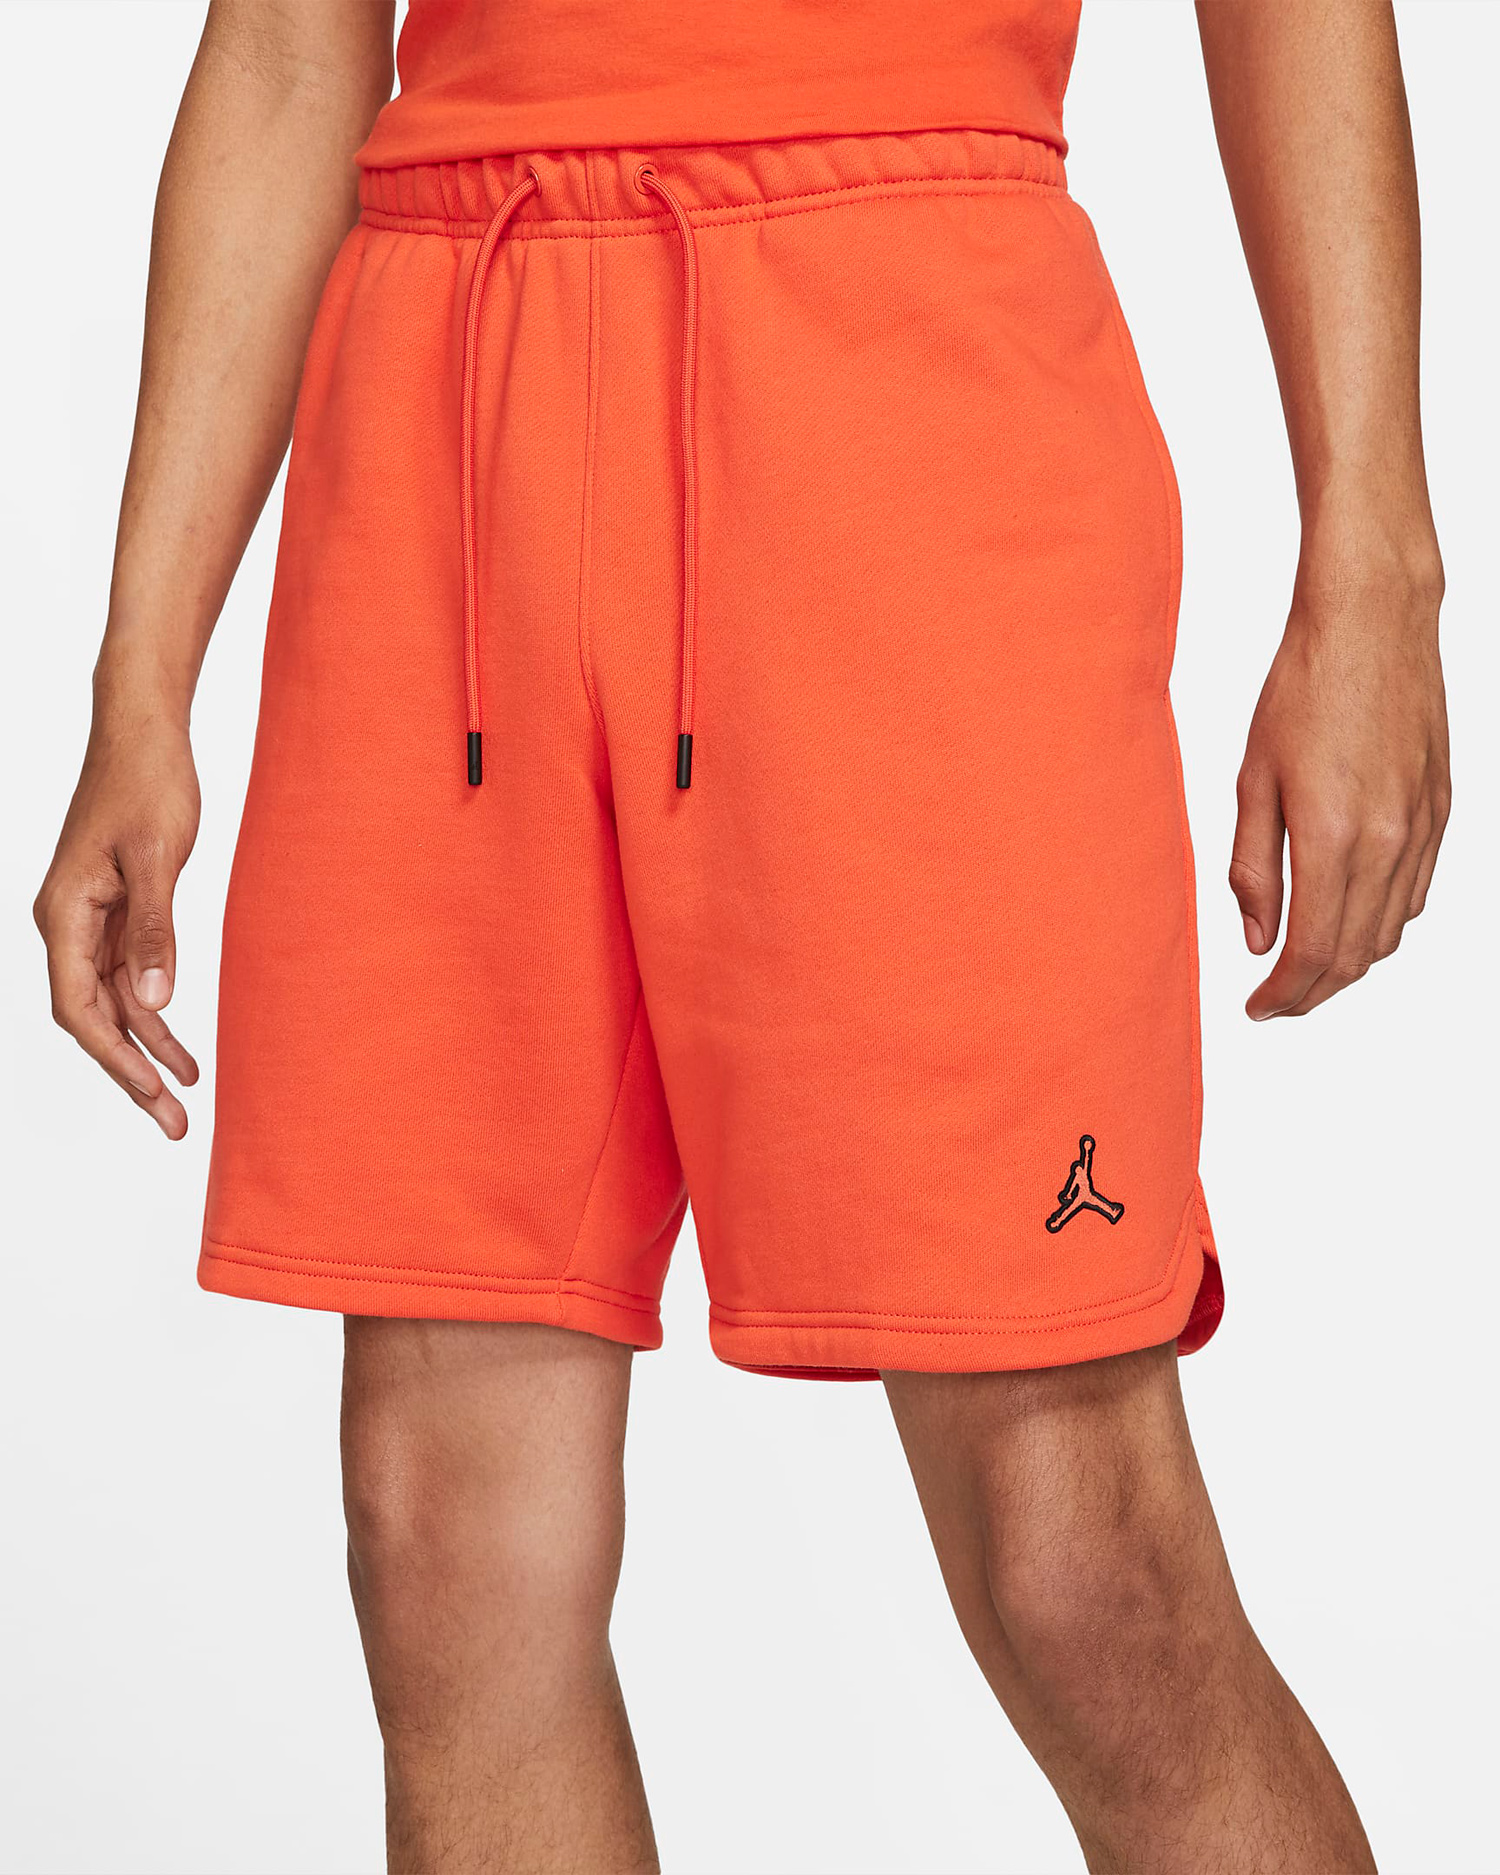 jordan-electro-orange-shorts-1